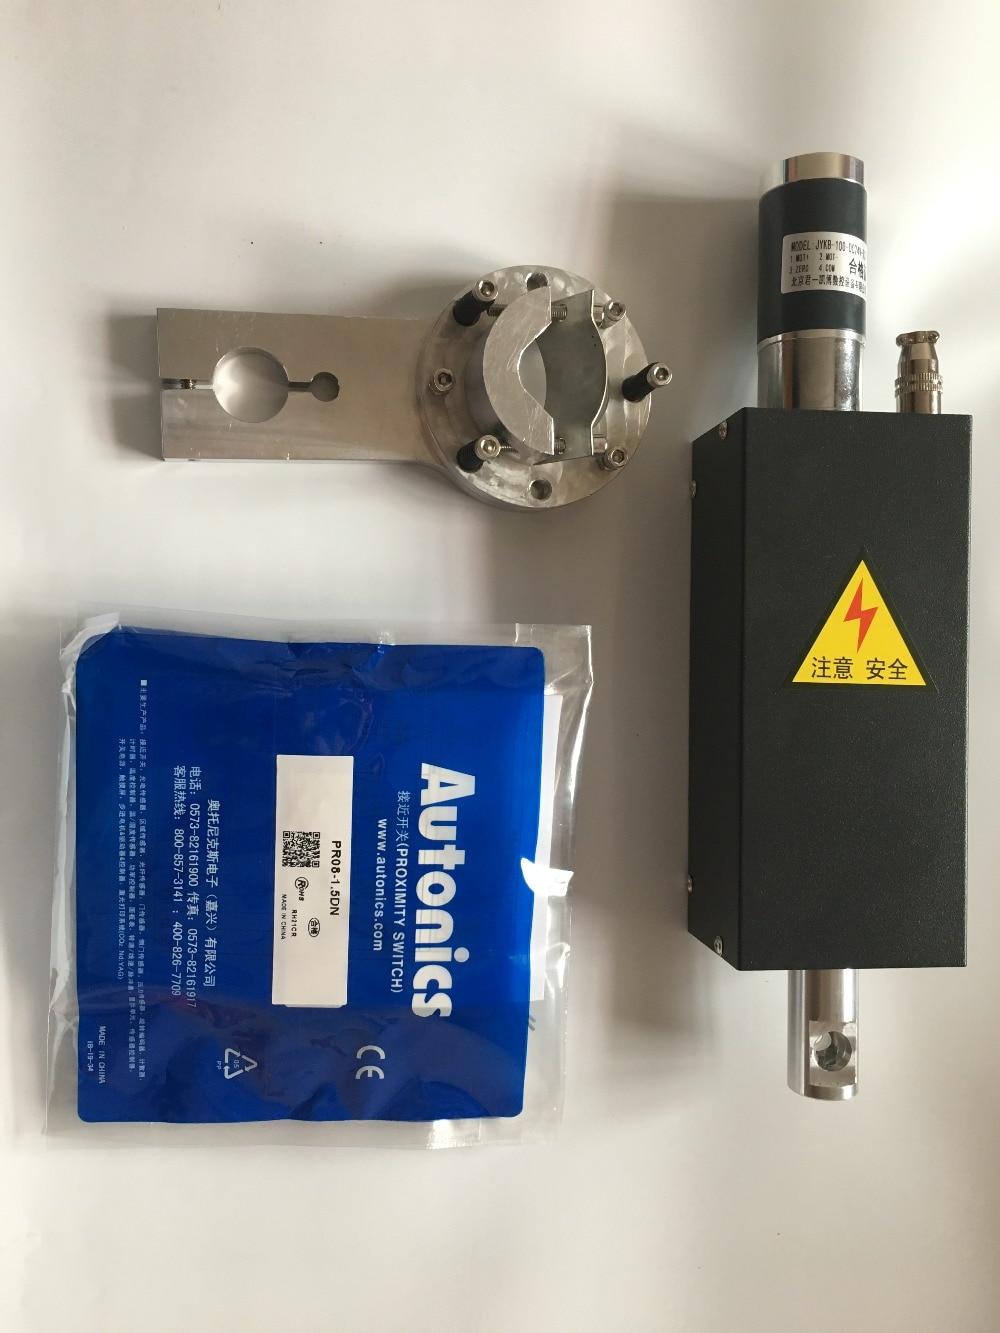 CNC THC Taglio Al Plasma Regolatore di Altezza Della Torcia THC Sollevatore e Supporto Asse Z due interruttori di prossimità